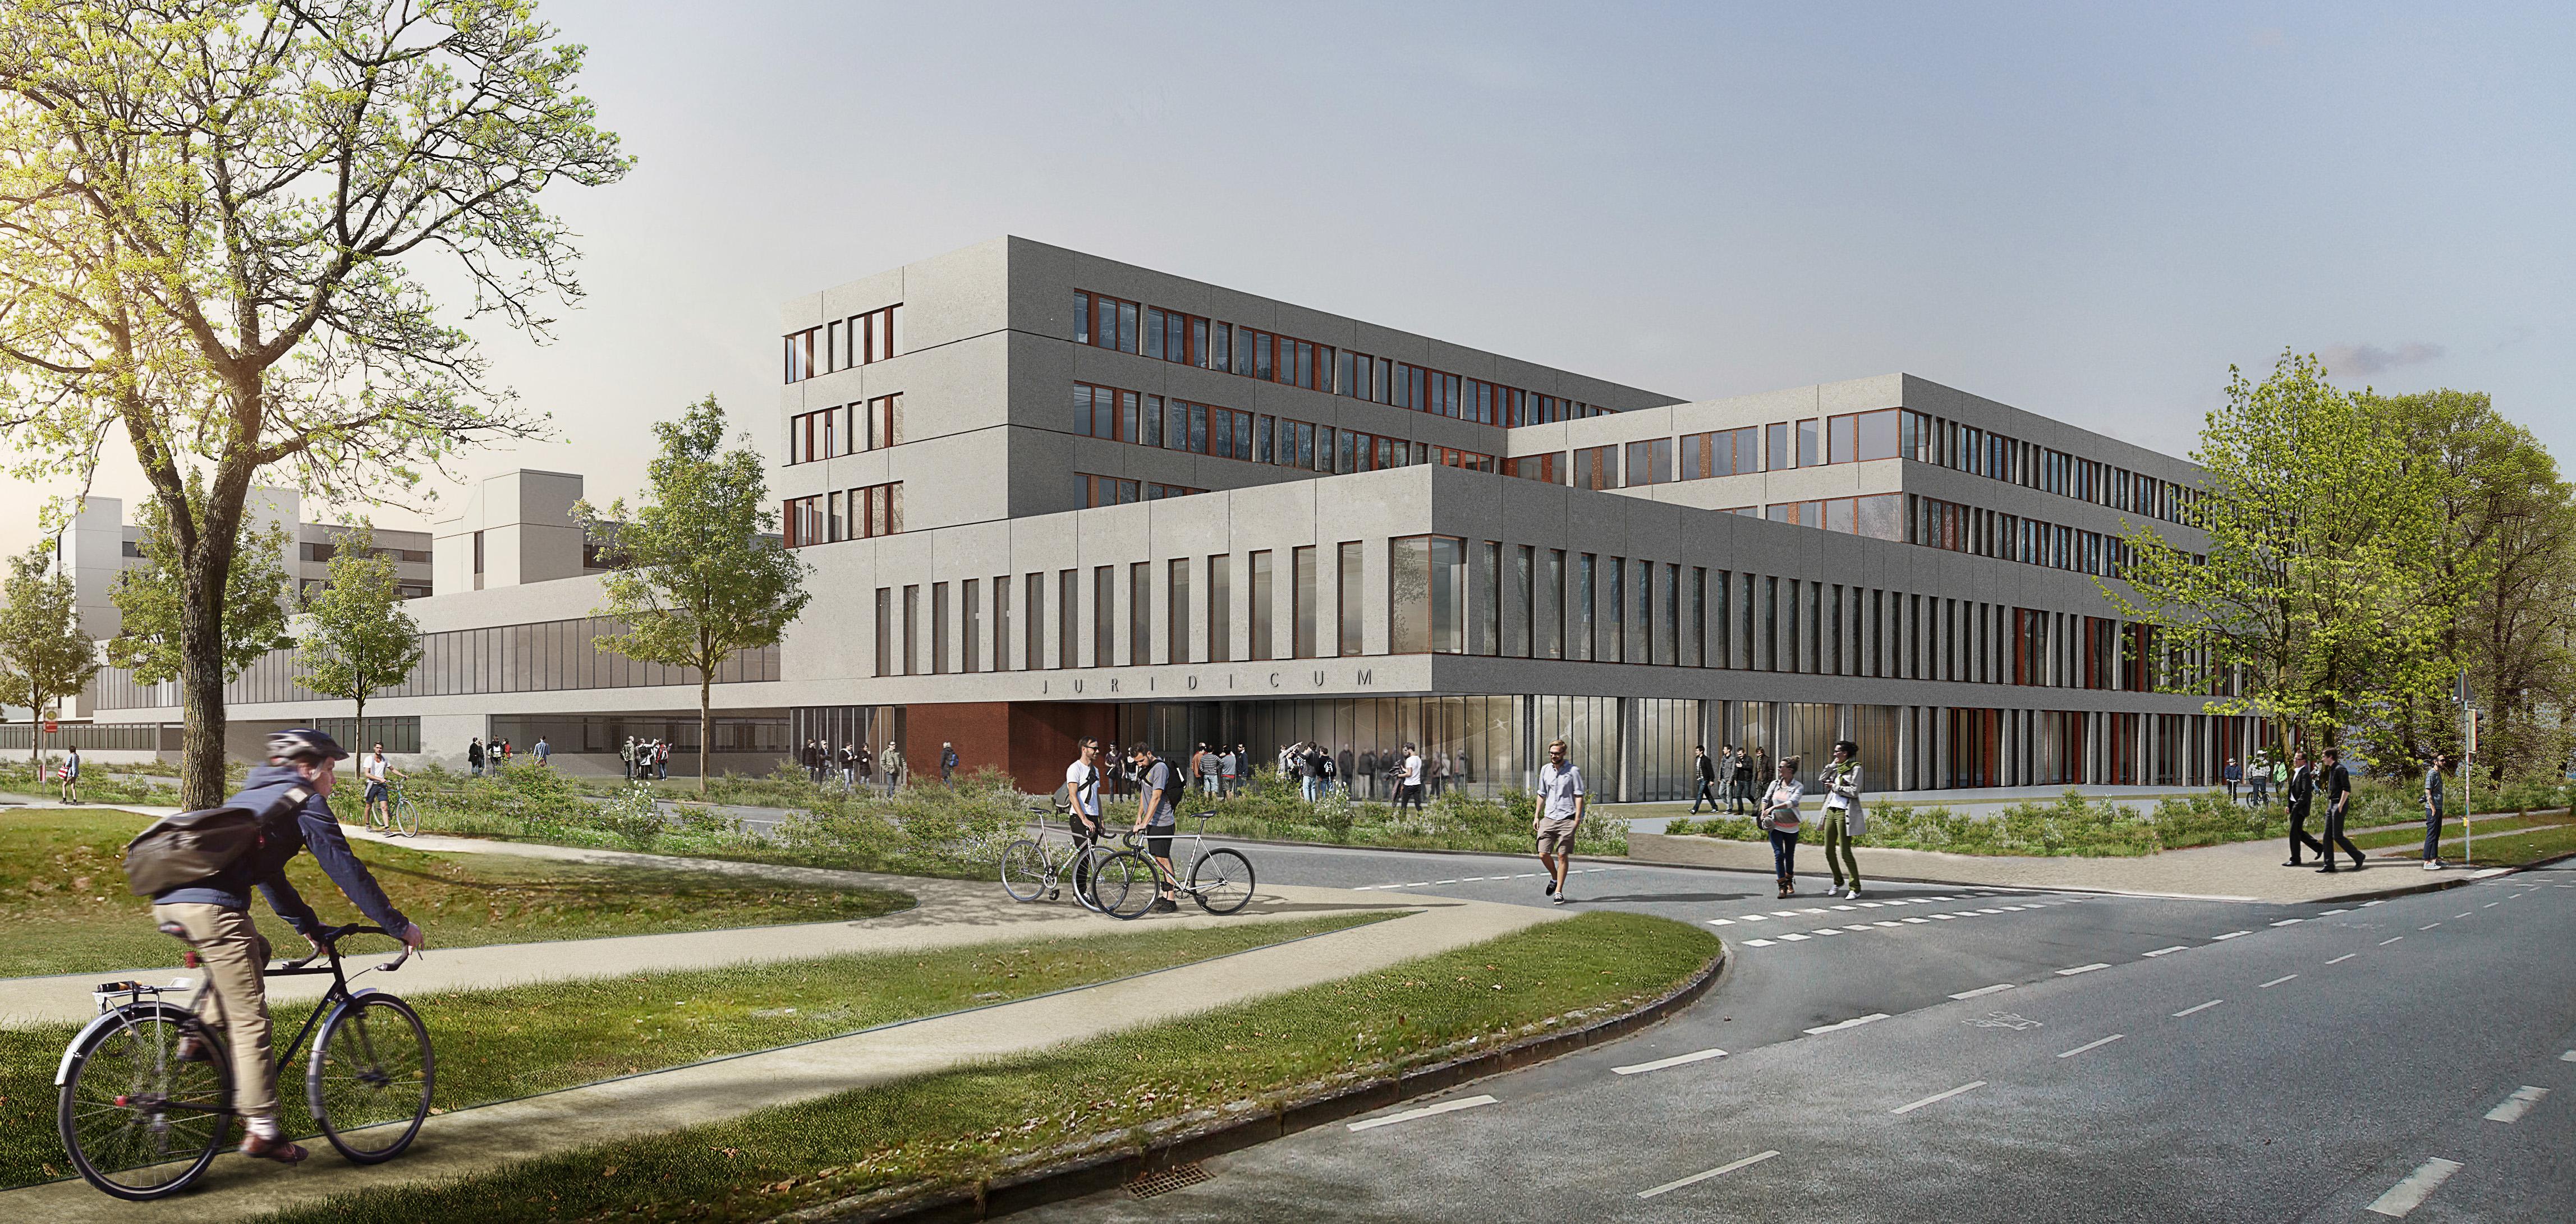 Exmatrikulation Uni Kiel